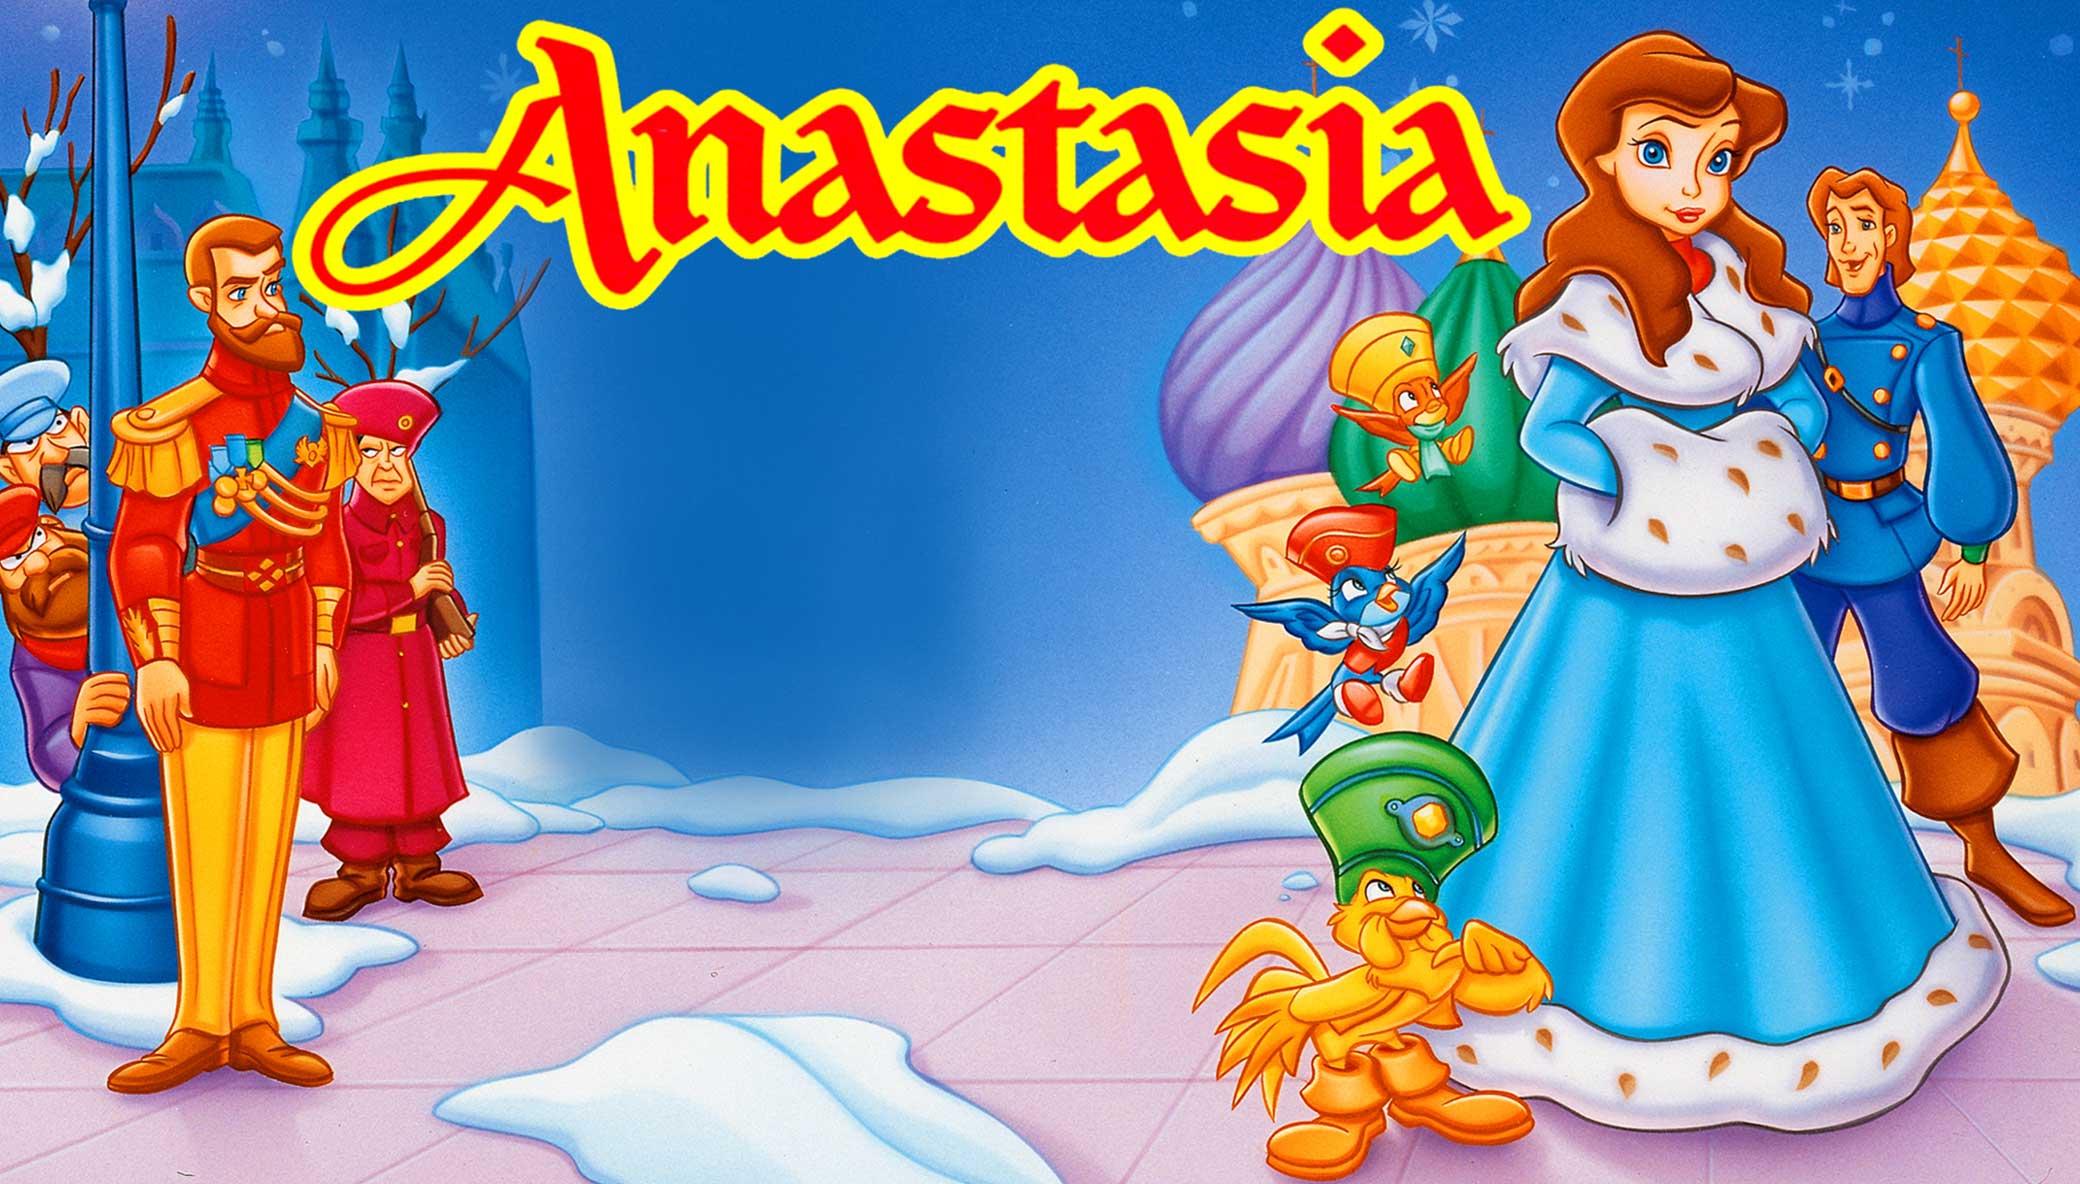 die-zarentochter-anastasia\header.jpg